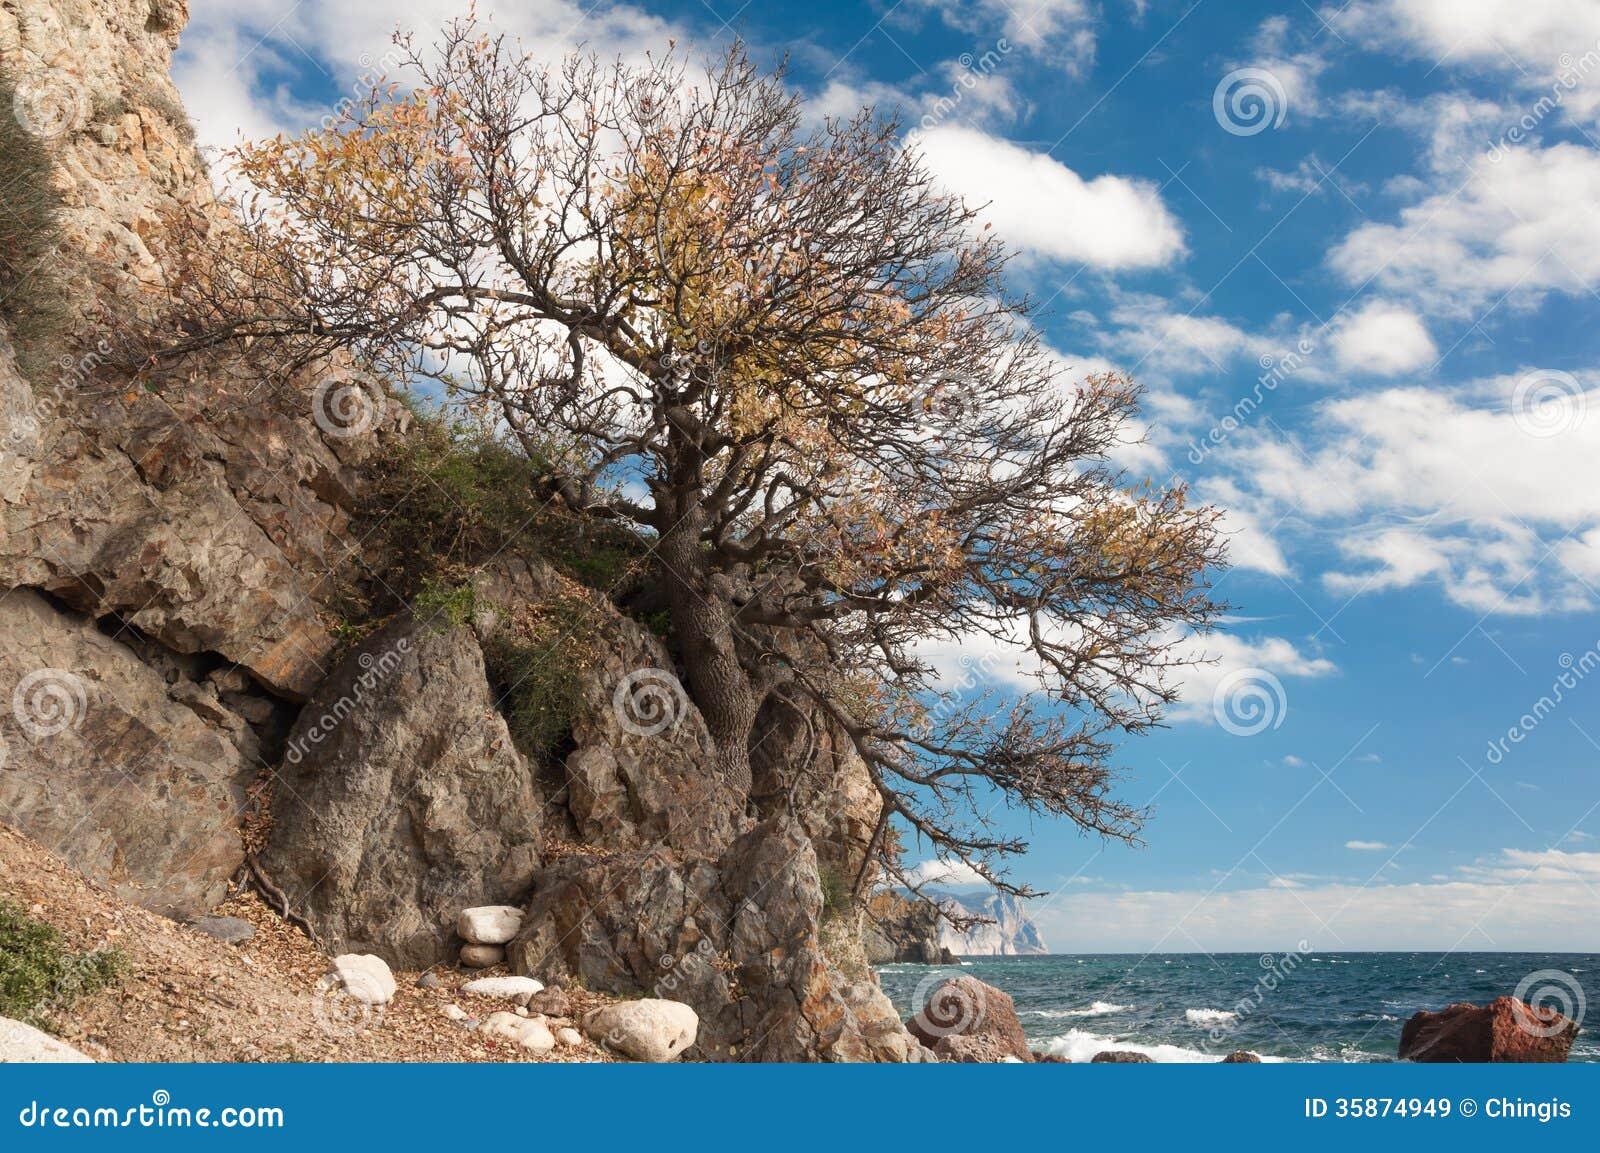 Black sea of trees pdf